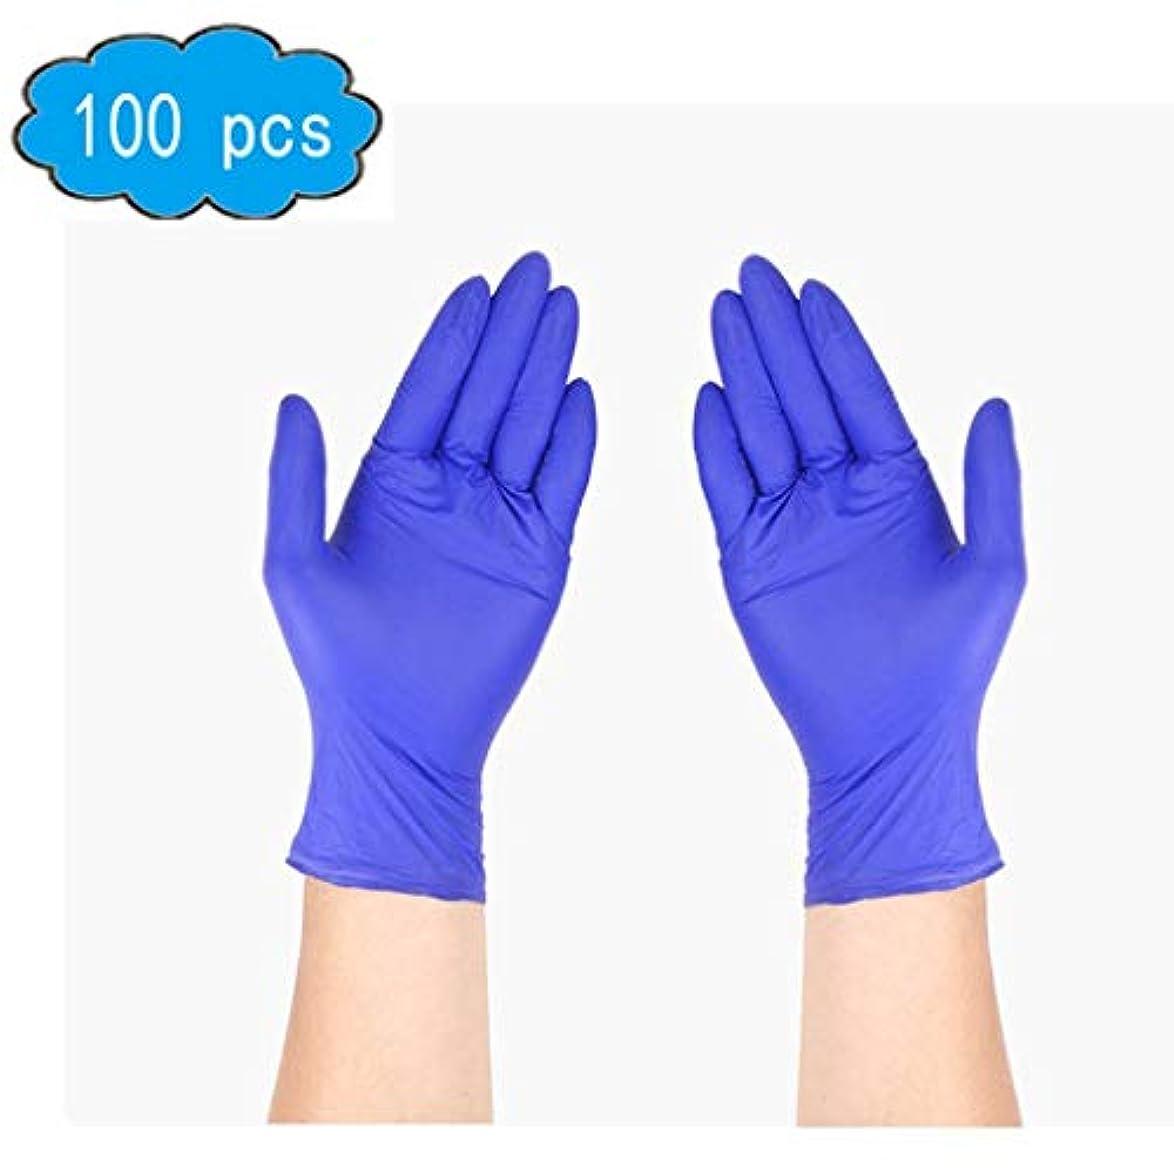 以上悲観主義者王位ニトリル試験用手袋 - 医療用グレード、使い捨て、パウダーフリー、ラテックスラバーフリー、ヘビーデューティー、テクスチャード、無菌、作業、医療、食品安全、クリーニング、卸売、特大(100個入り)、応急処置用品 (Color...